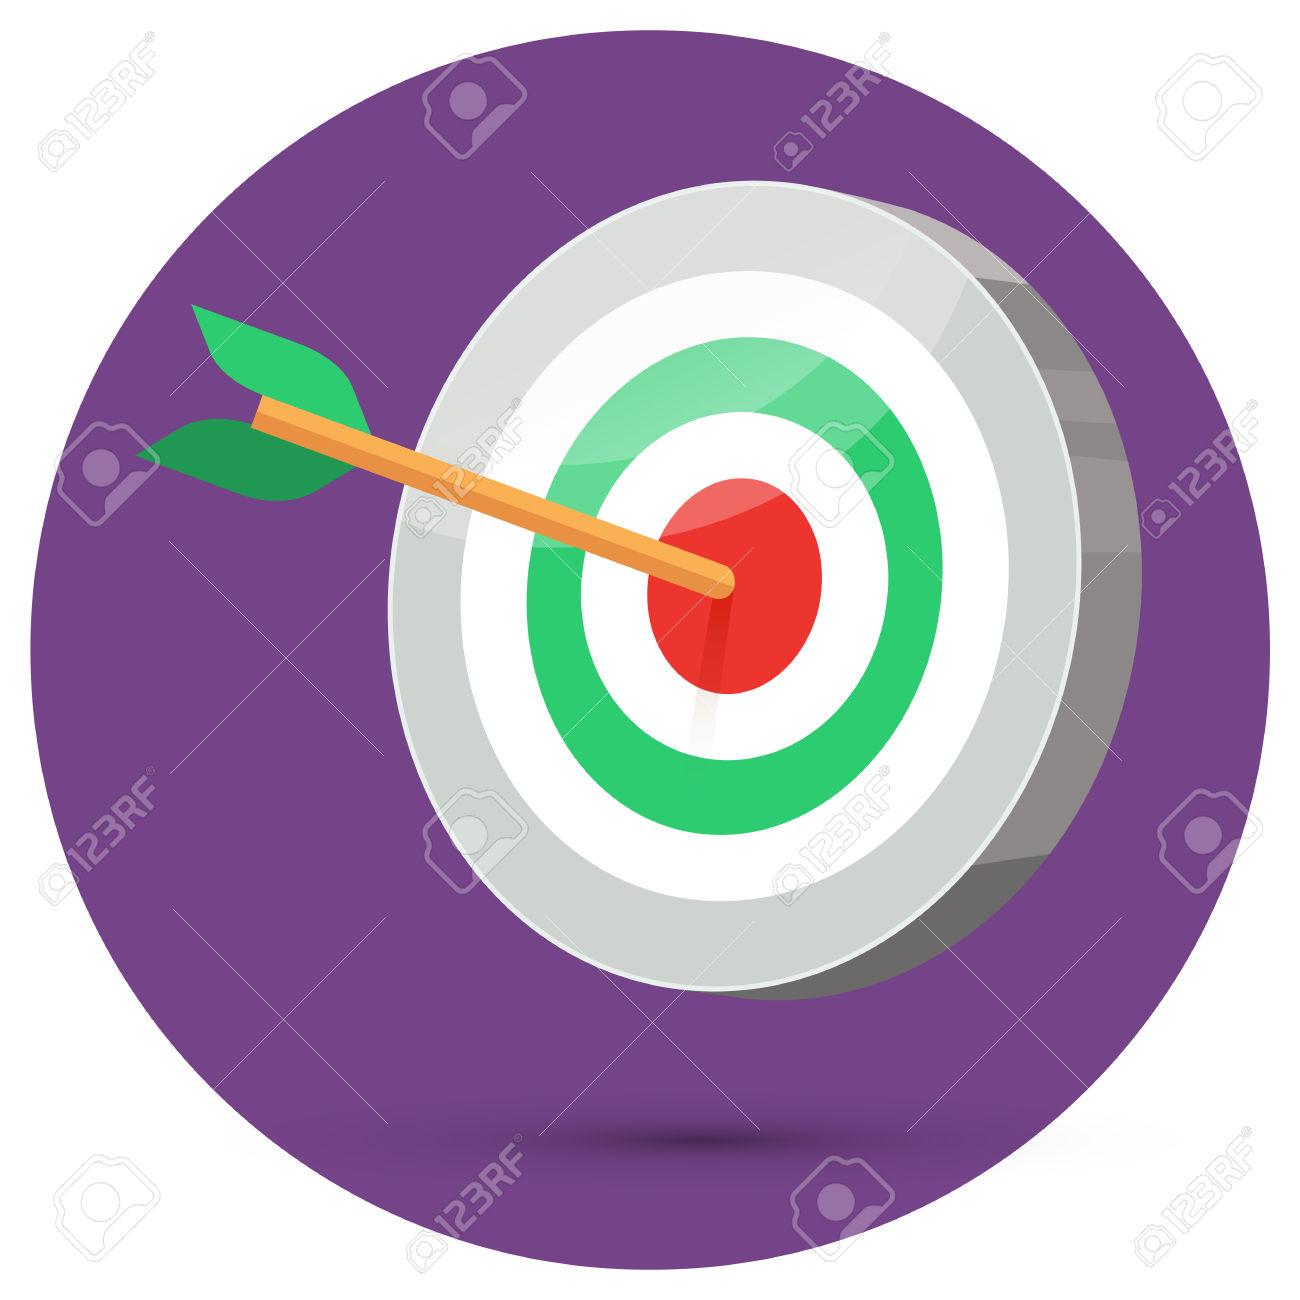 Arrow circle target clipart clip transparent download Dart Arrow Hitting Center Target On Color Background In Circle ... clip transparent download